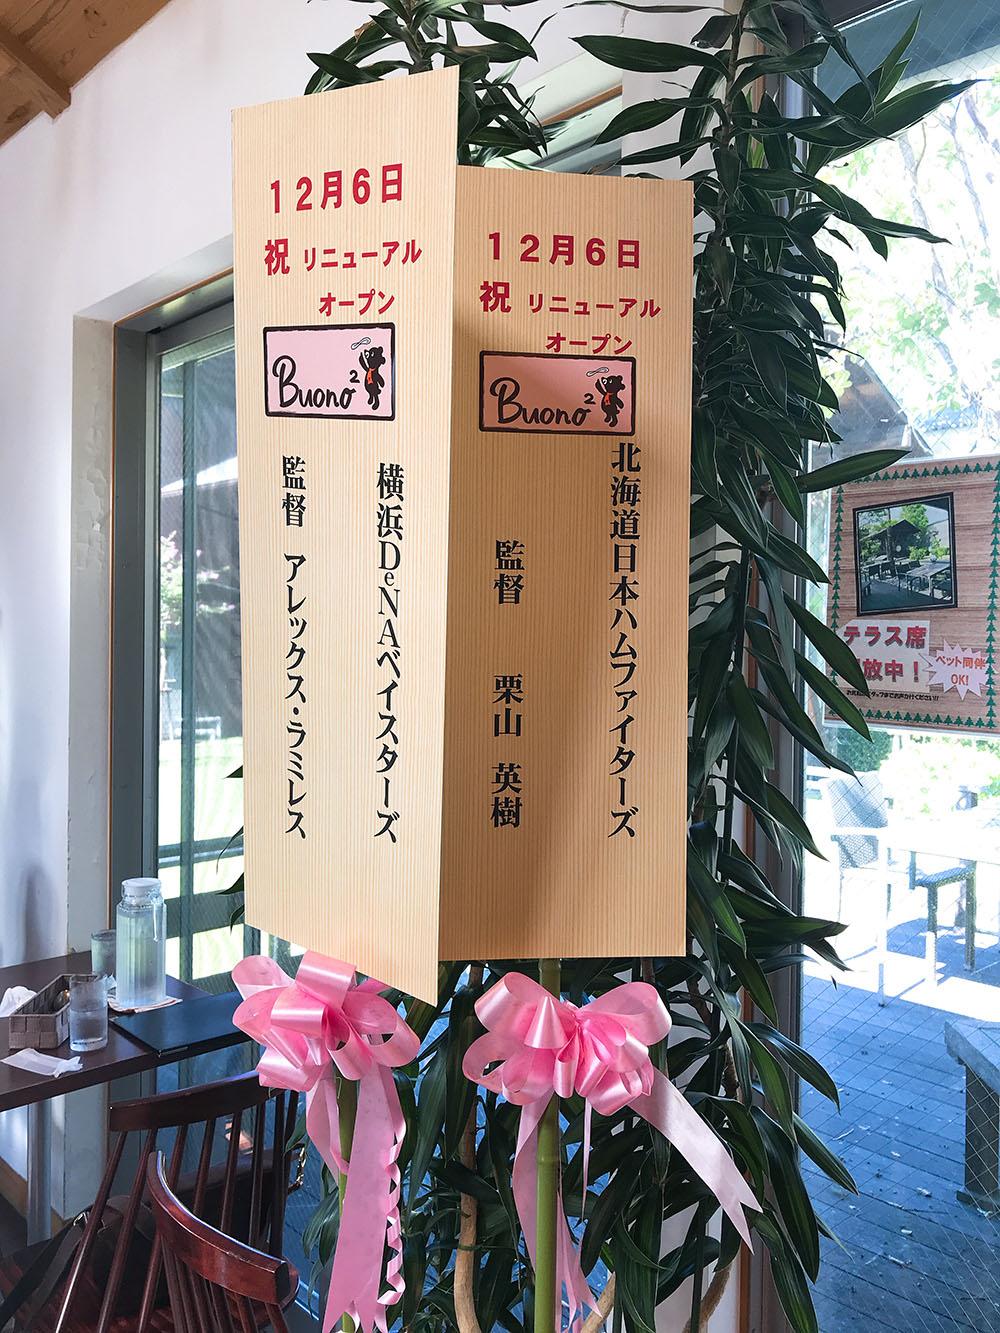 堺市美原区・ボーノボーノ(Buono2)農家レストランでモチモチピザが食べられる